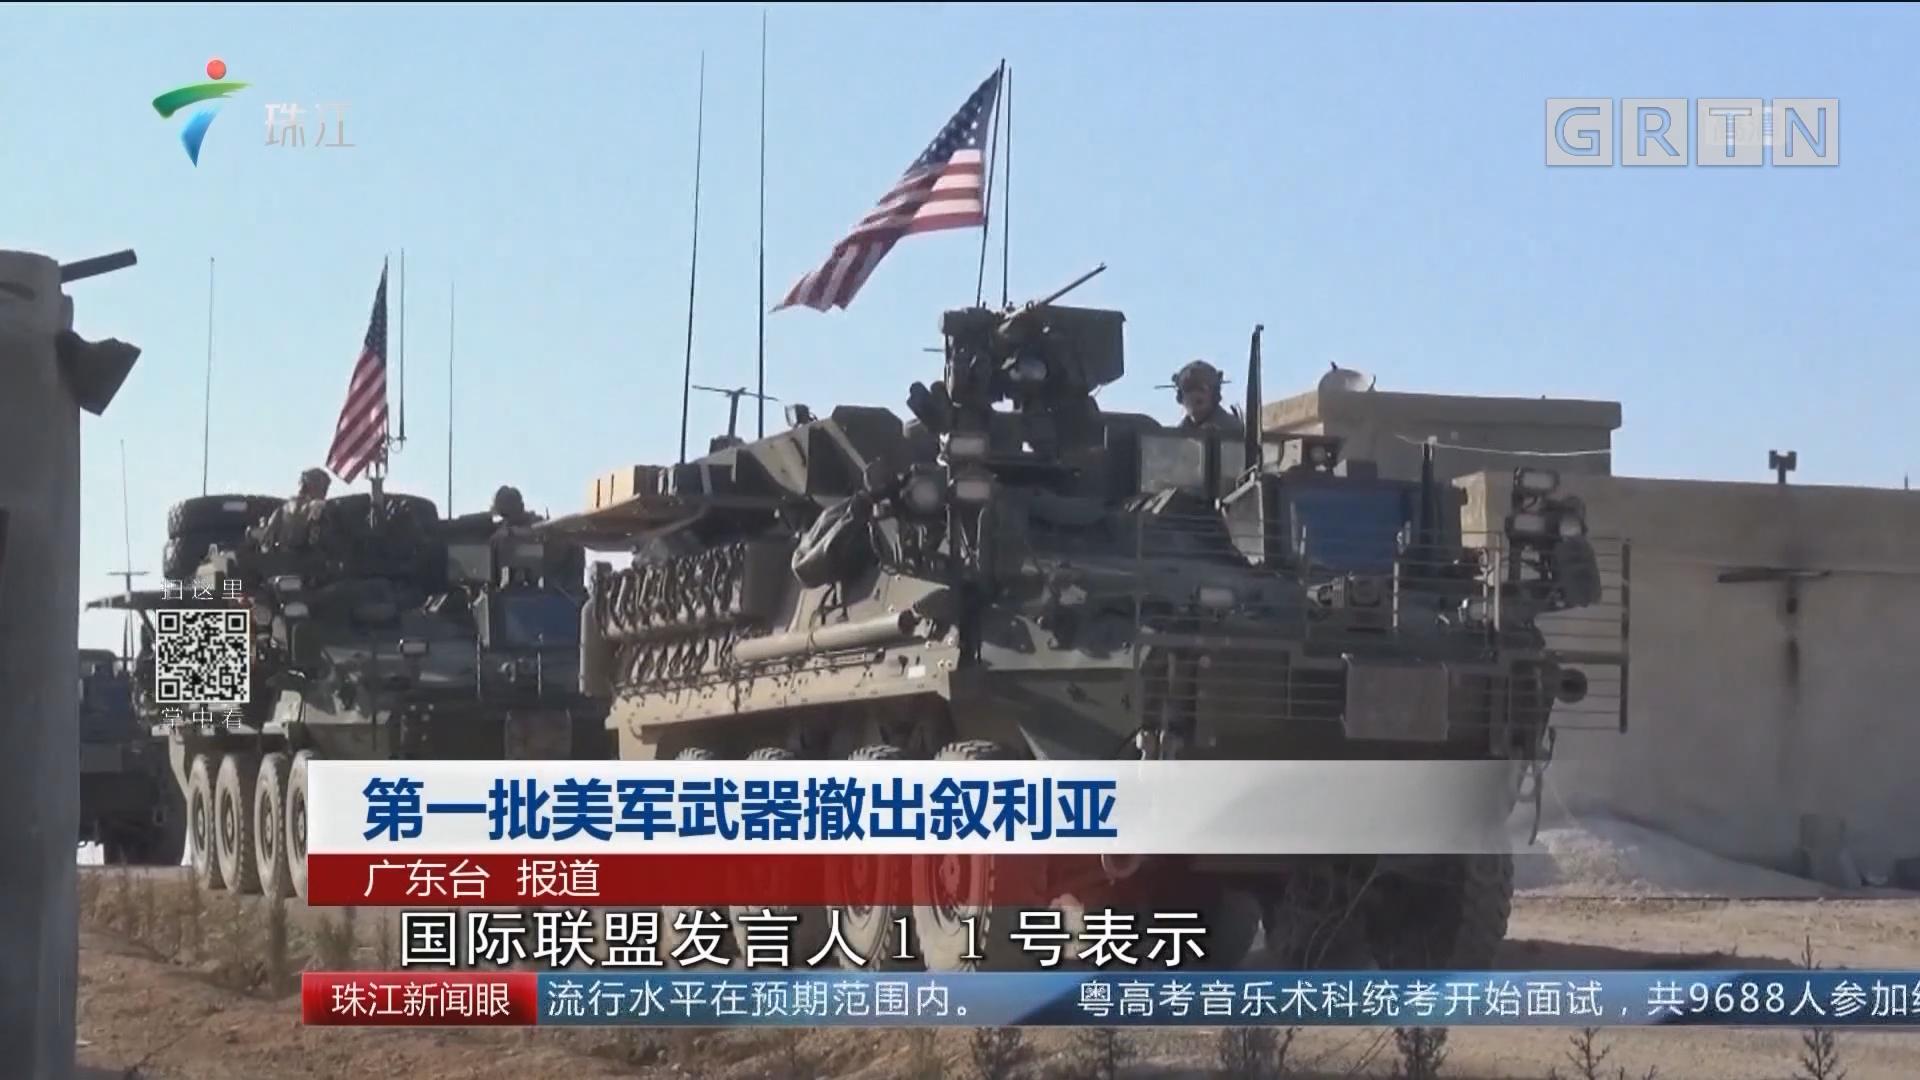 第一批美军武器撤出叙利亚